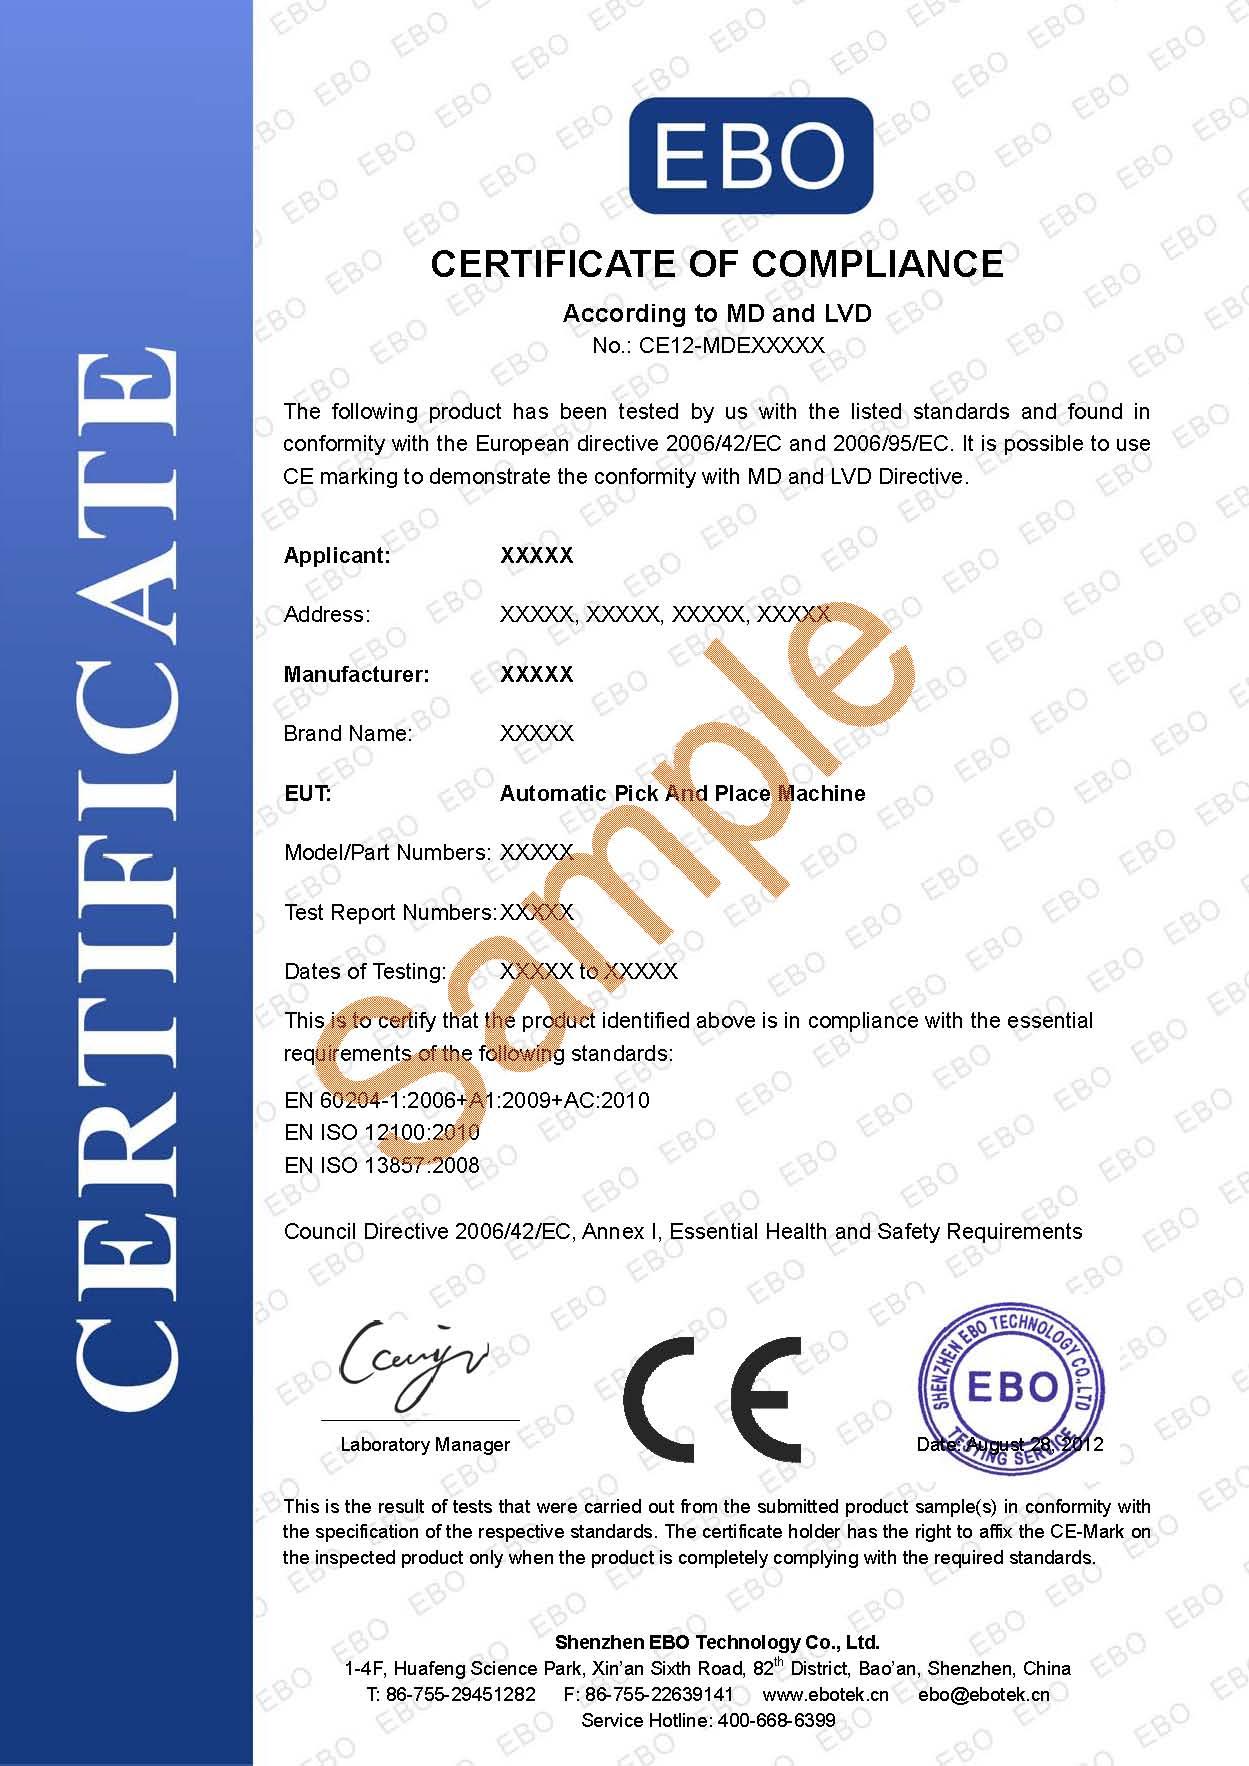 哹ce�n�_ce认证是否需要办理公告号的证书?